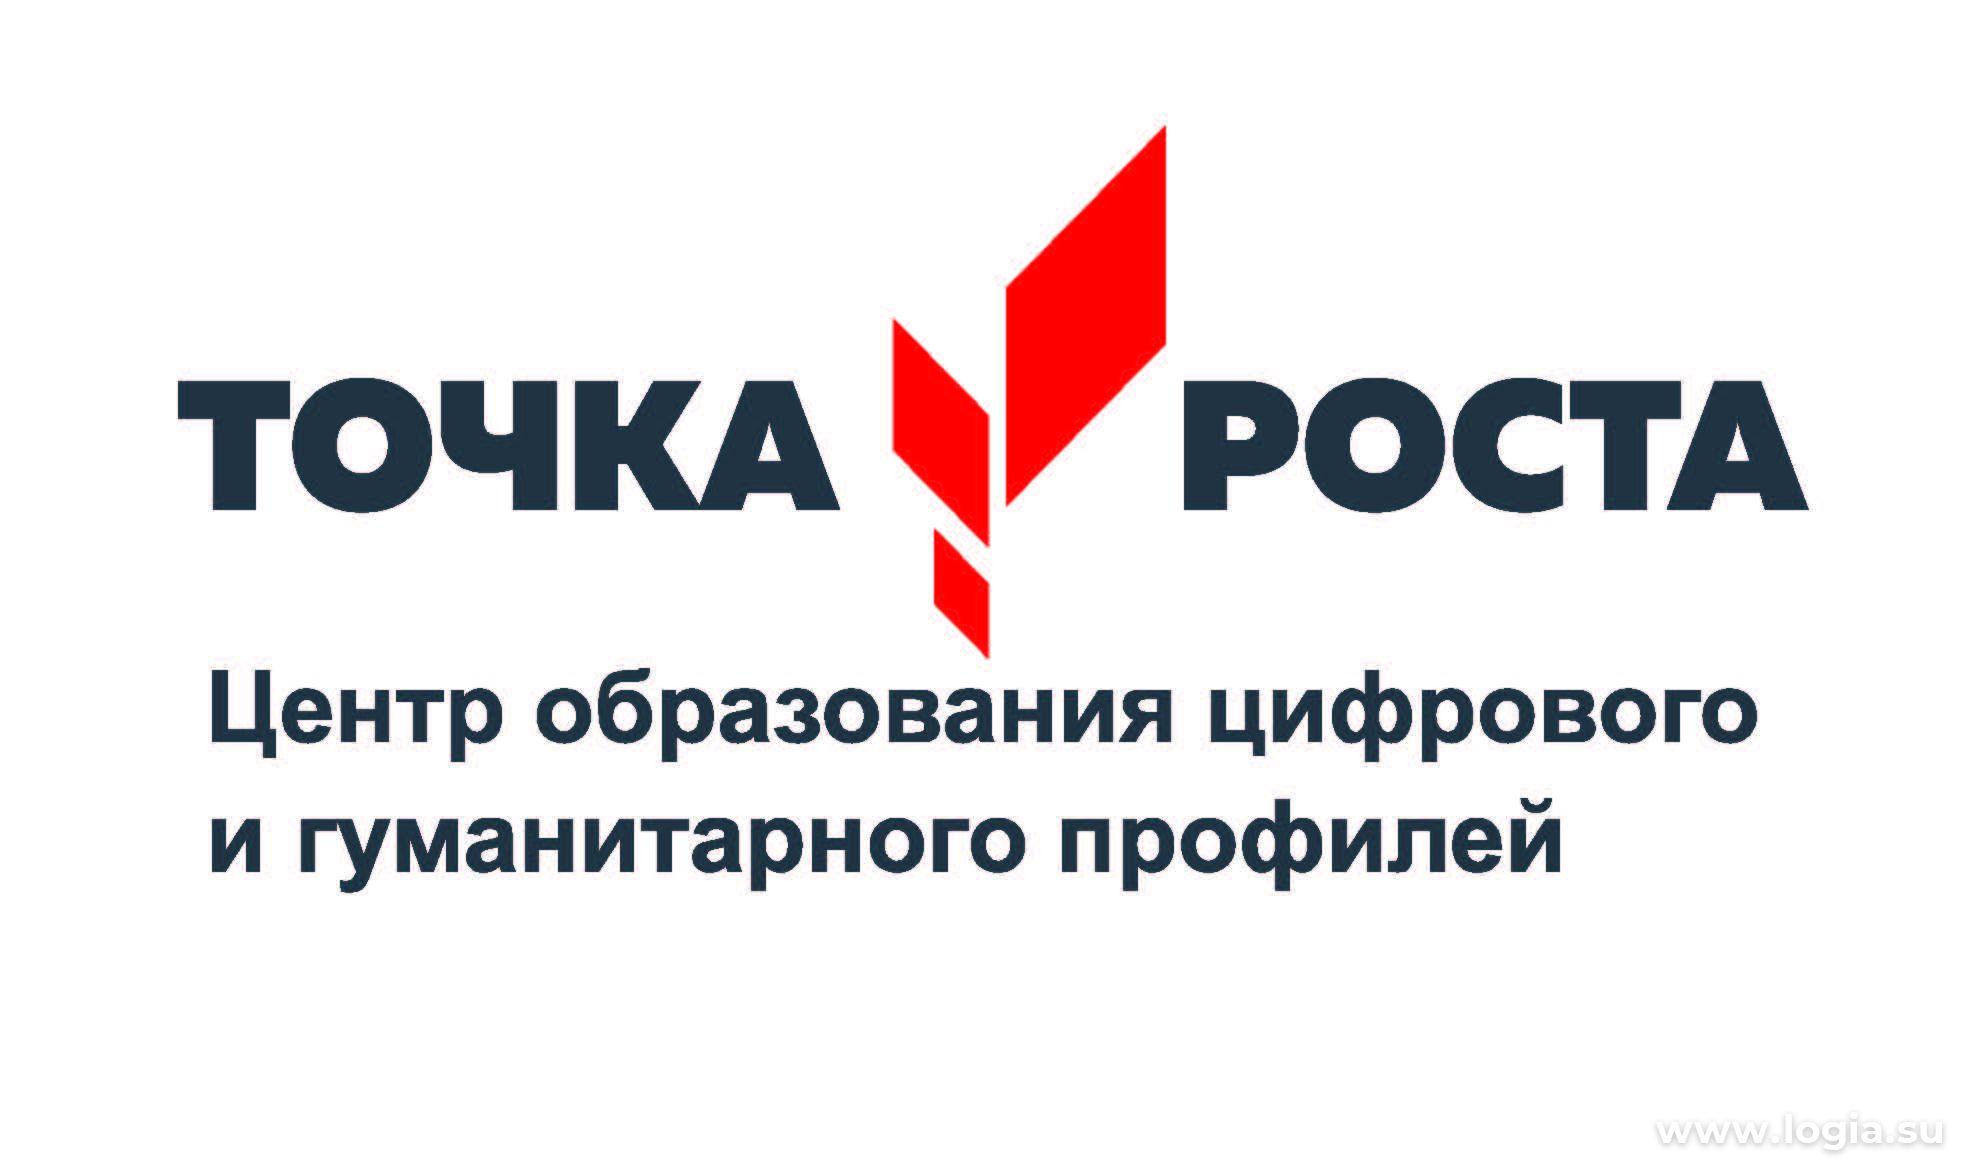 Повышение квалификации педагогов центра «Точка роста»06.05.2020г